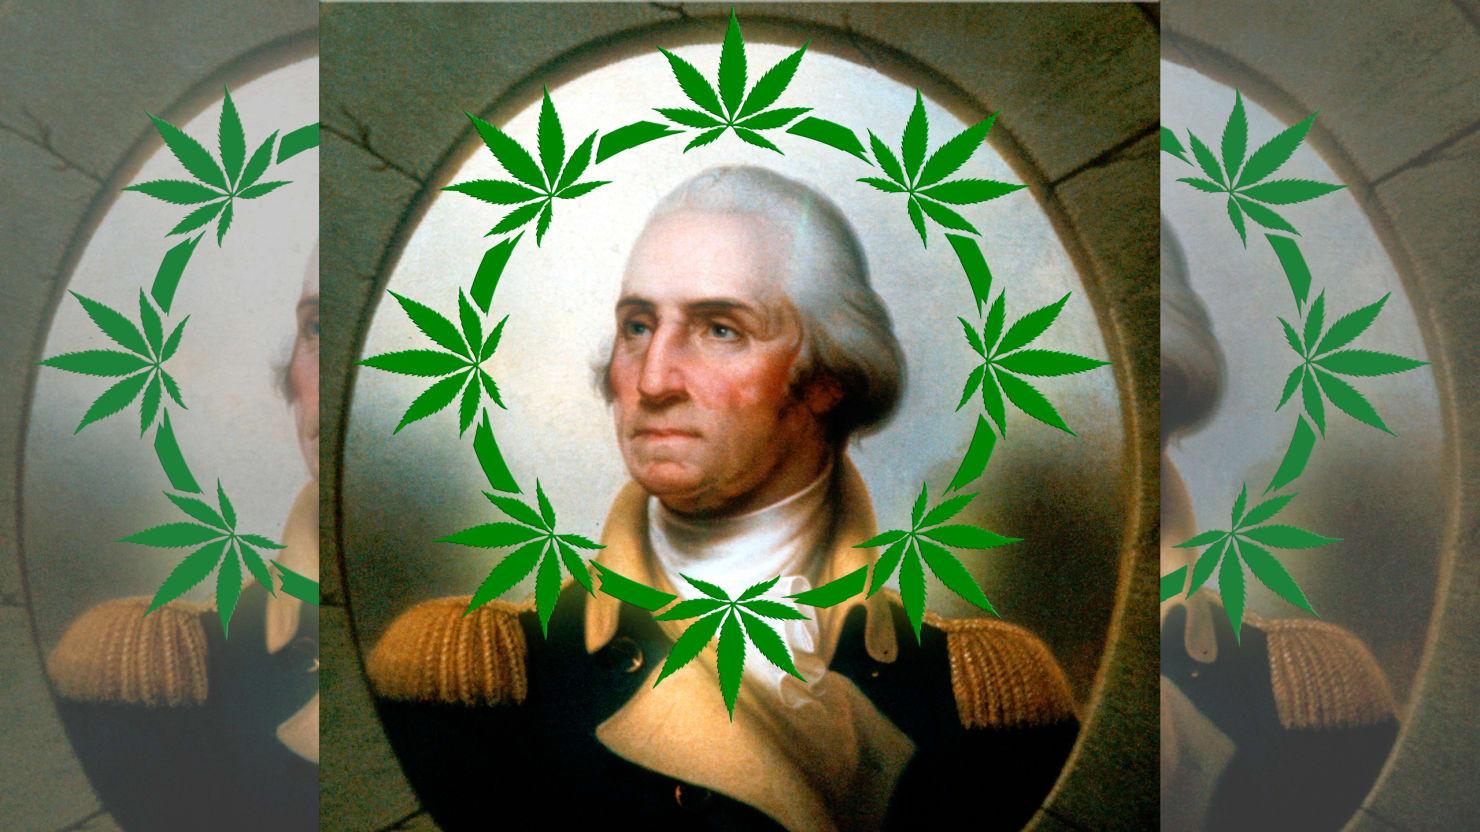 Джордж вашингтон сад марихуана купить семена конопли сорта